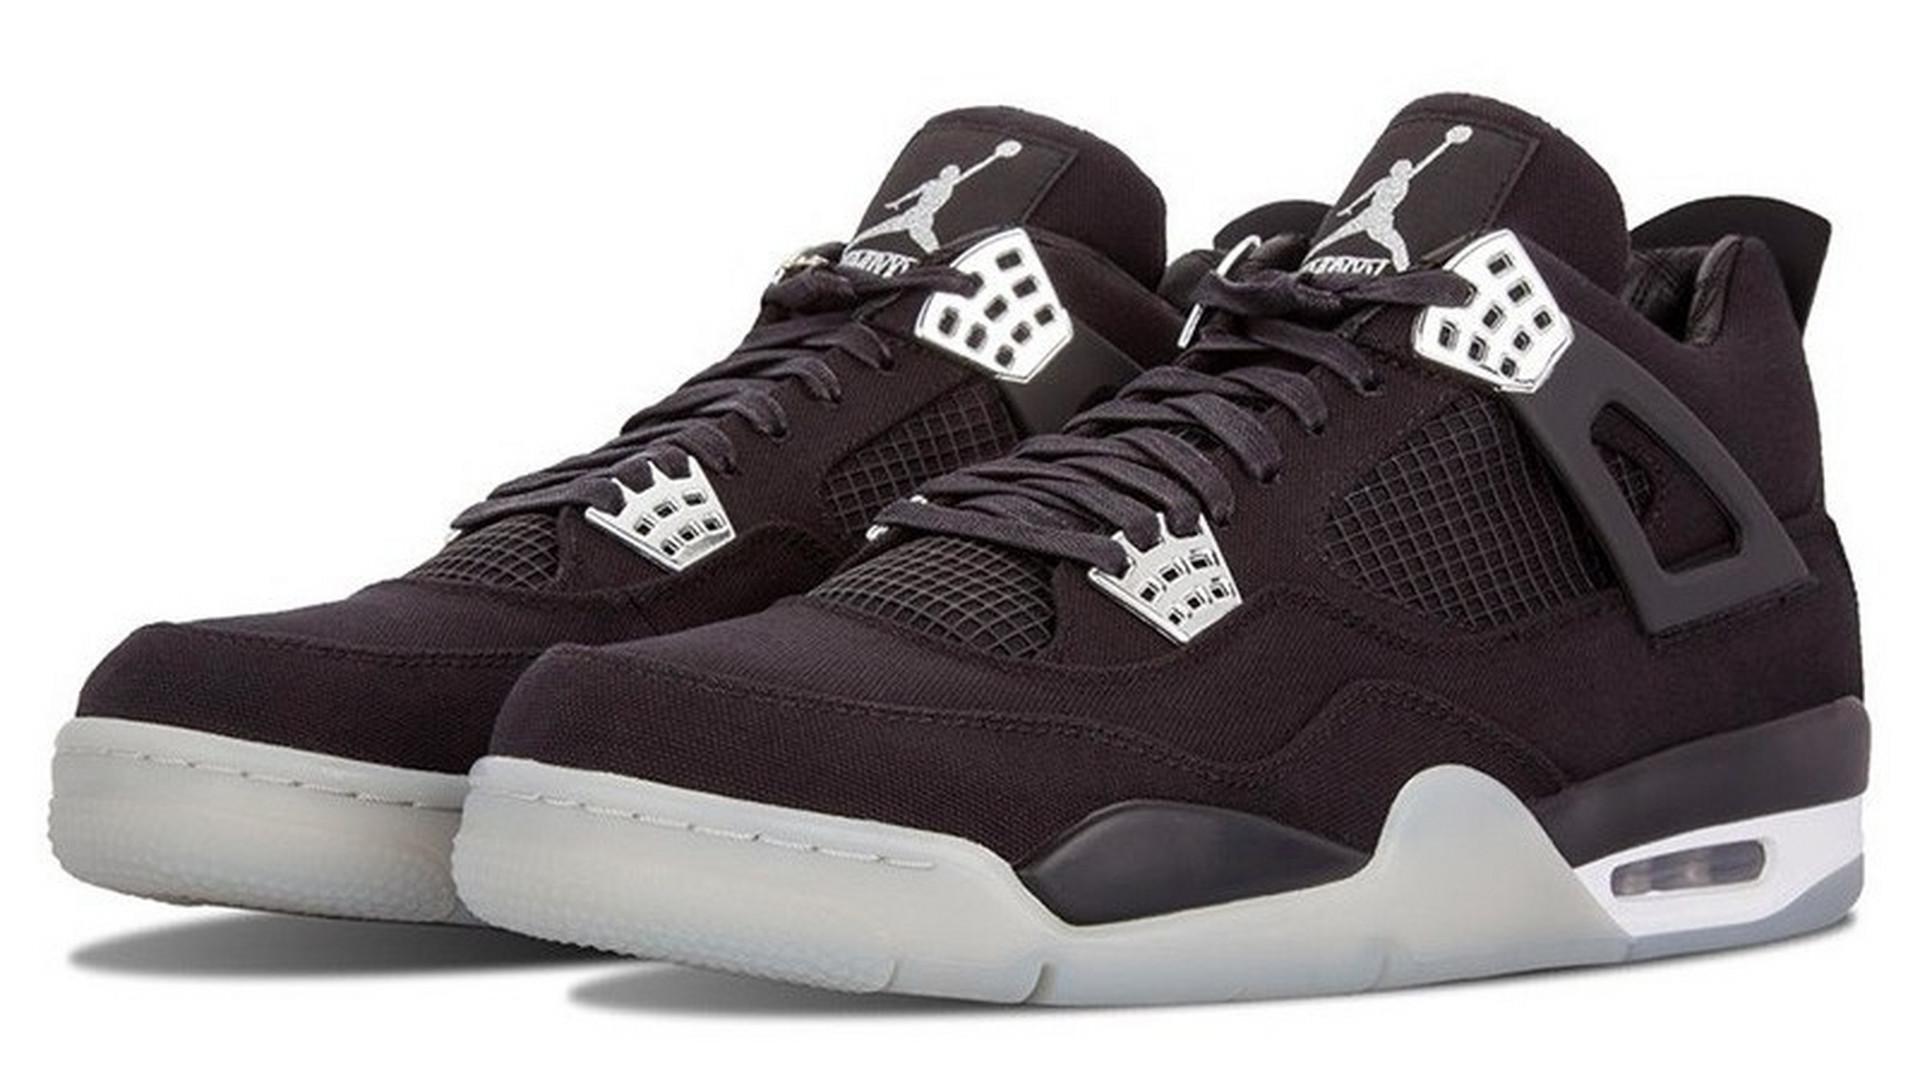 87edc947126d86 Das sind die 8 teuersten Sneaker aller Zeiten - Noizz